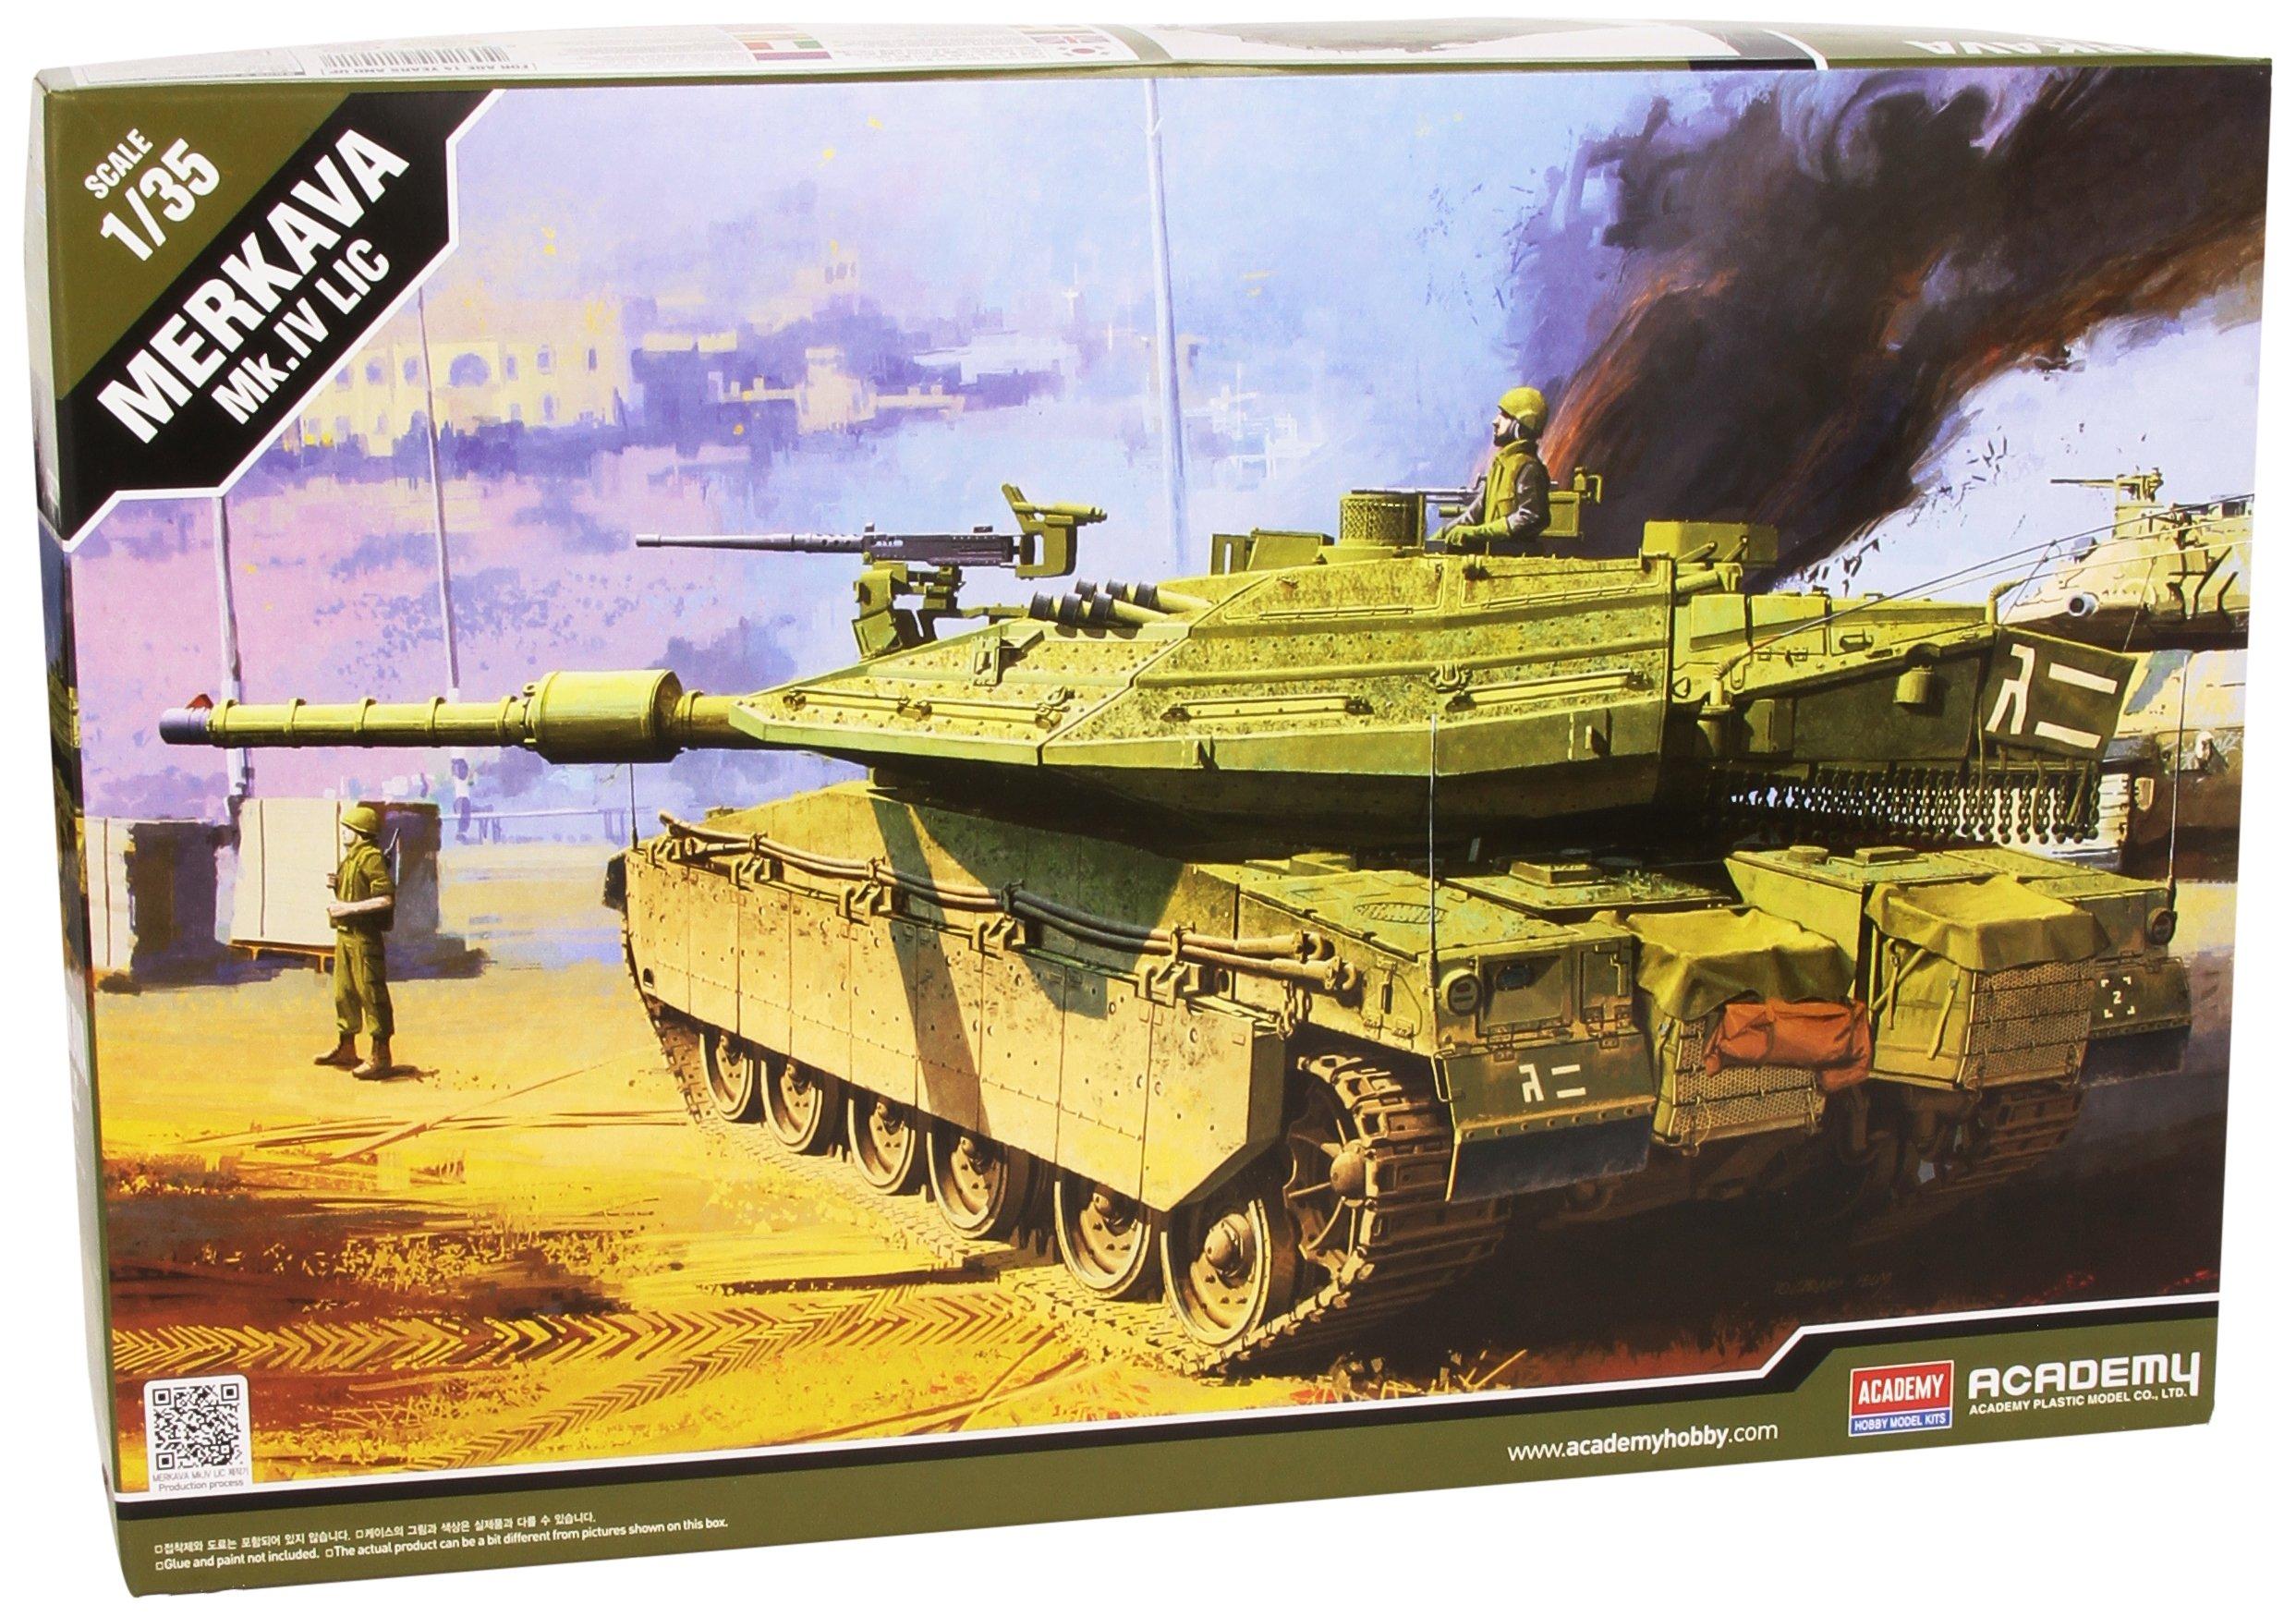 Academy 1:35 - IDF MBT Merkava MK IV LIC 01/2011